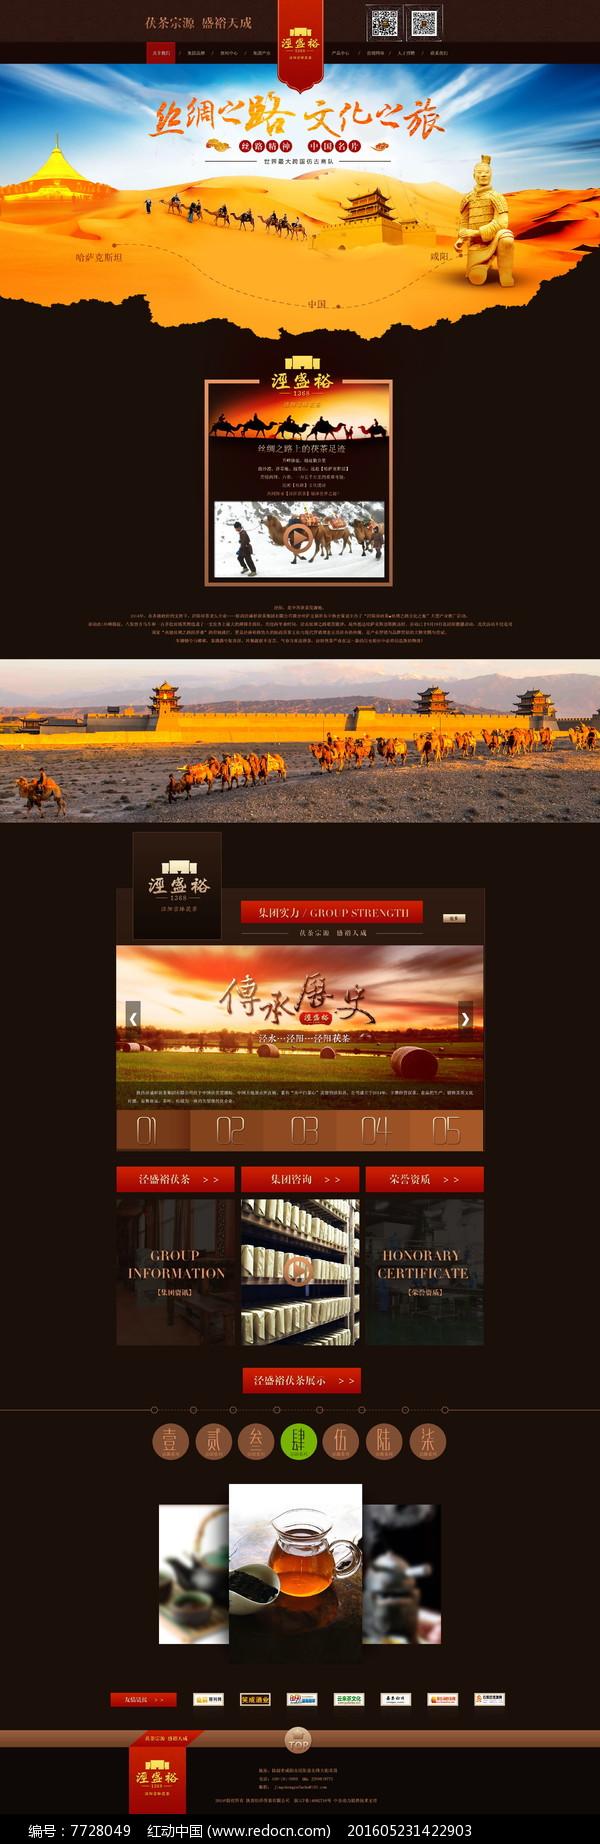 大气网站中国风企业网站banner首页幻灯片模版图片